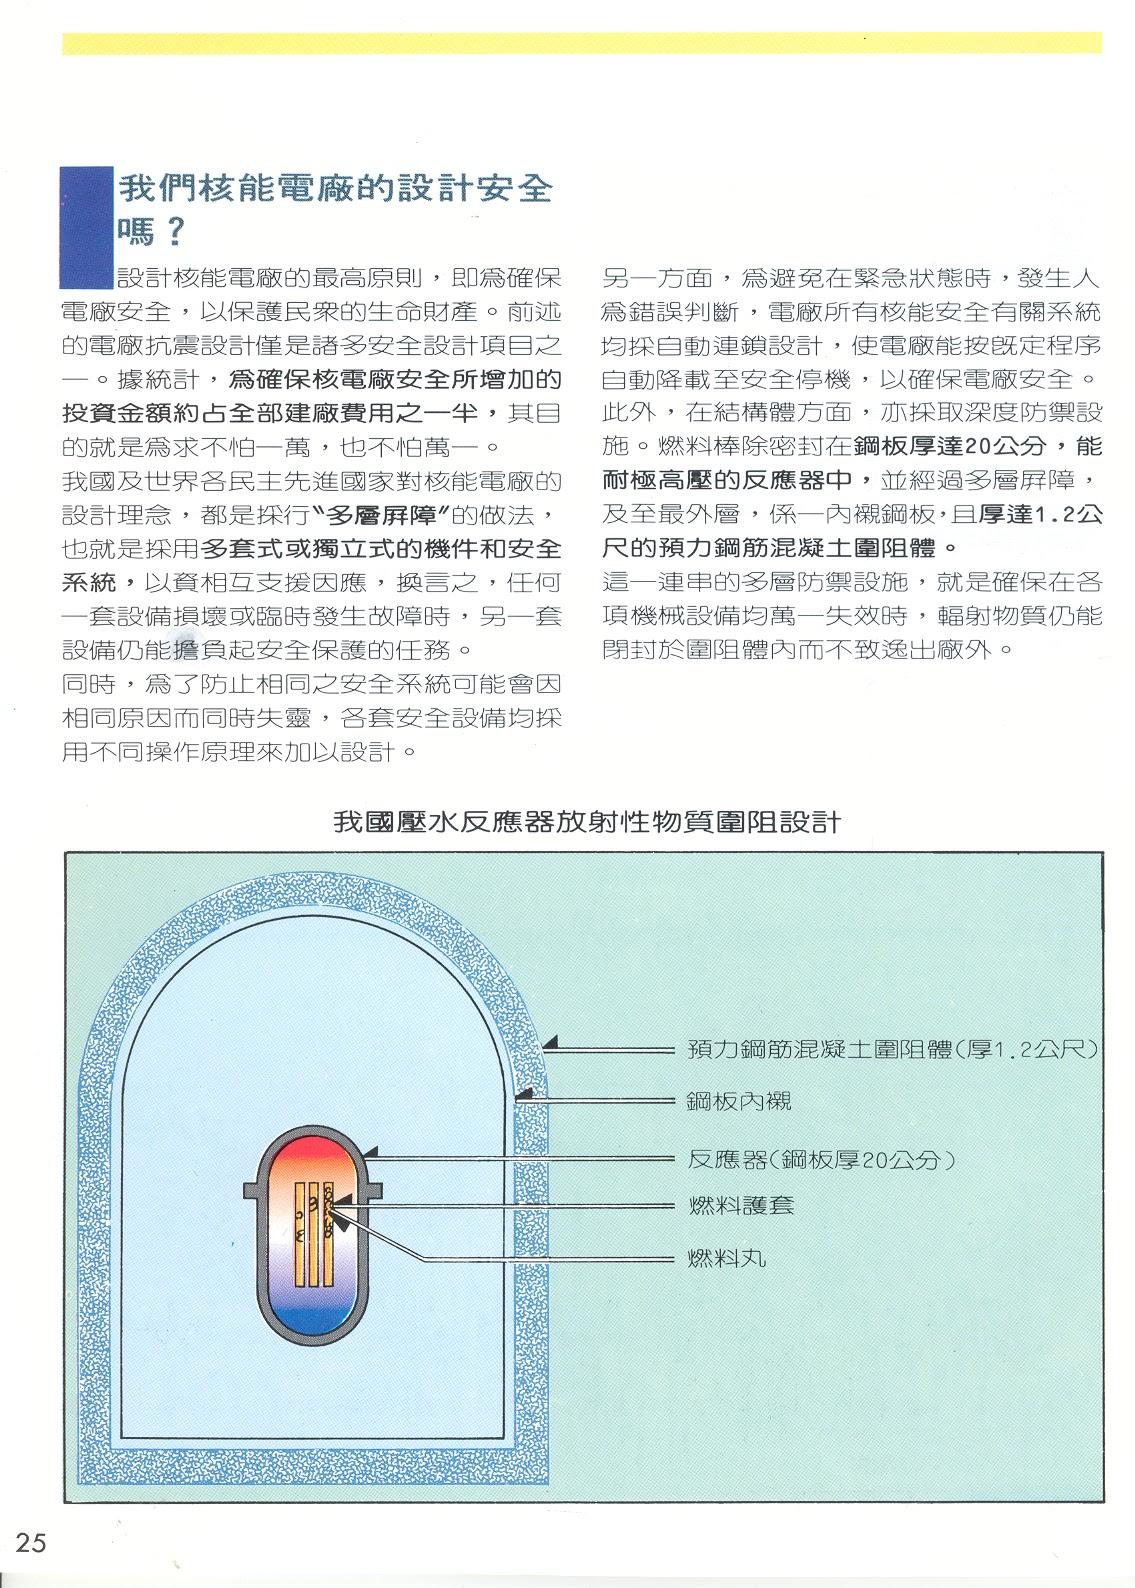 臺灣能源: 安全設計/三浬島/車諾堡